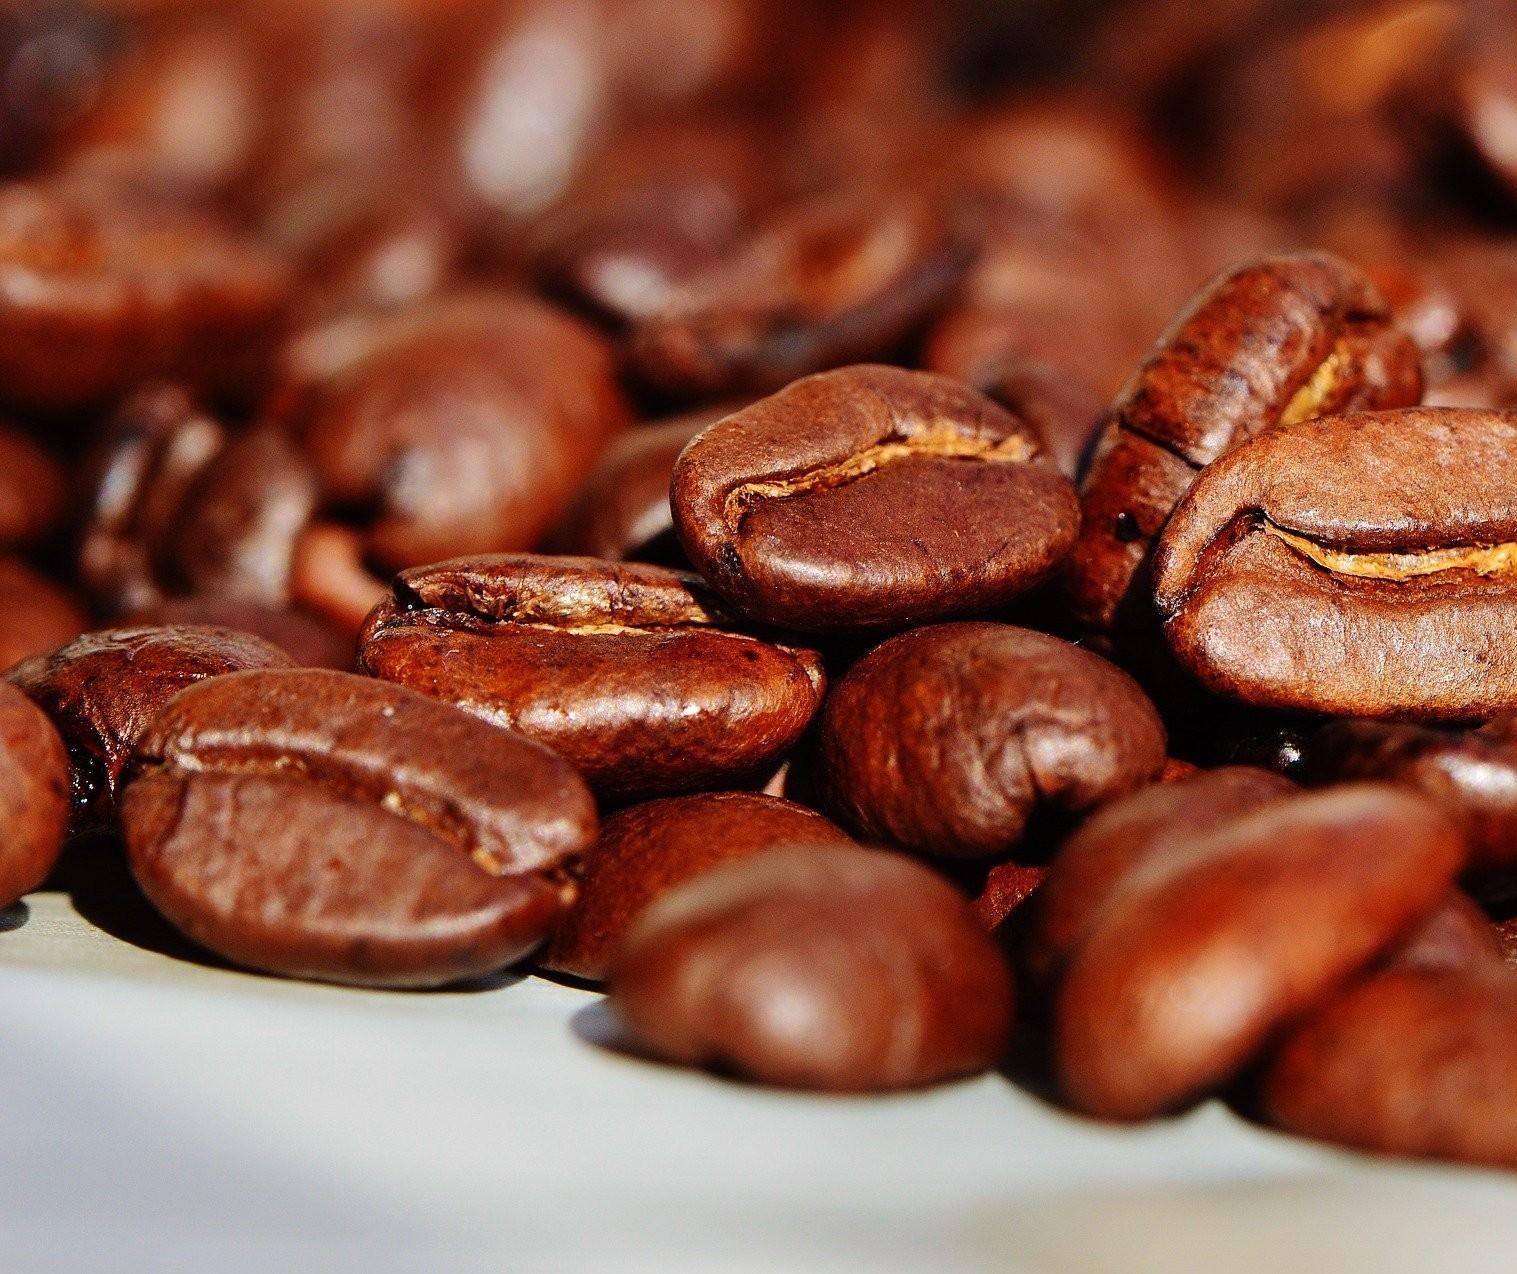 Café em coco custa R$ 7,65 Kg